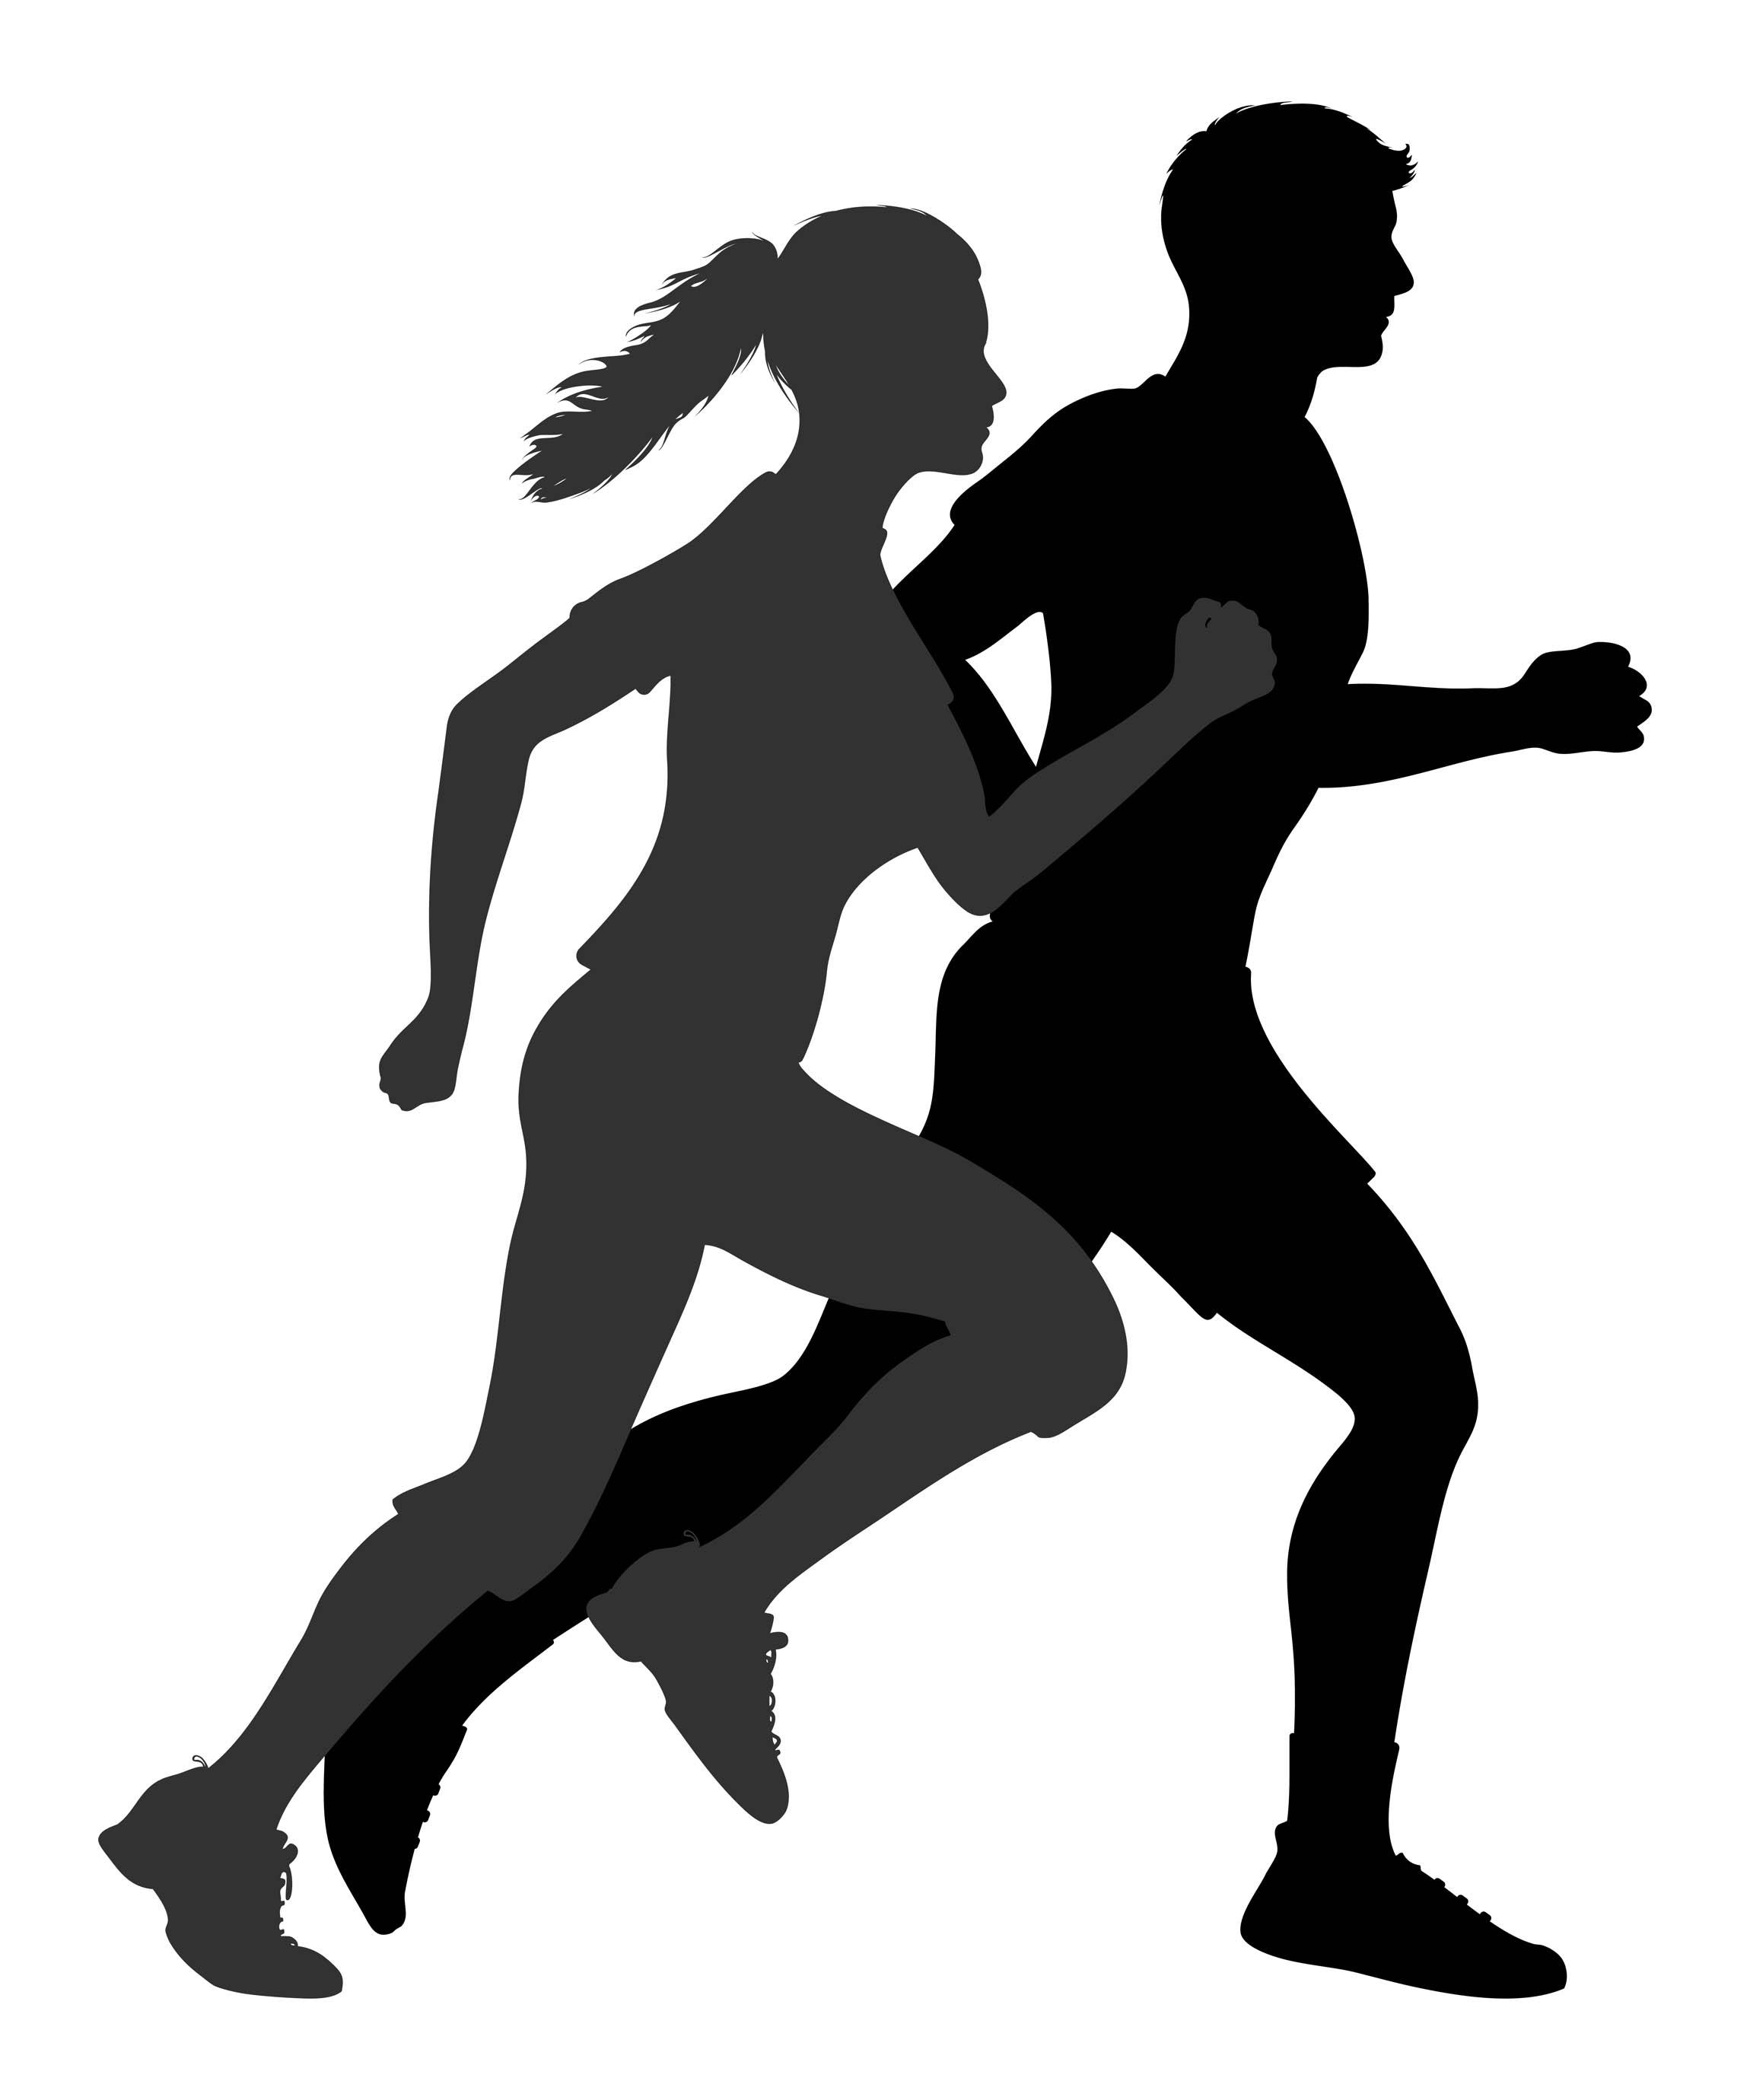 Runner Stick Figure